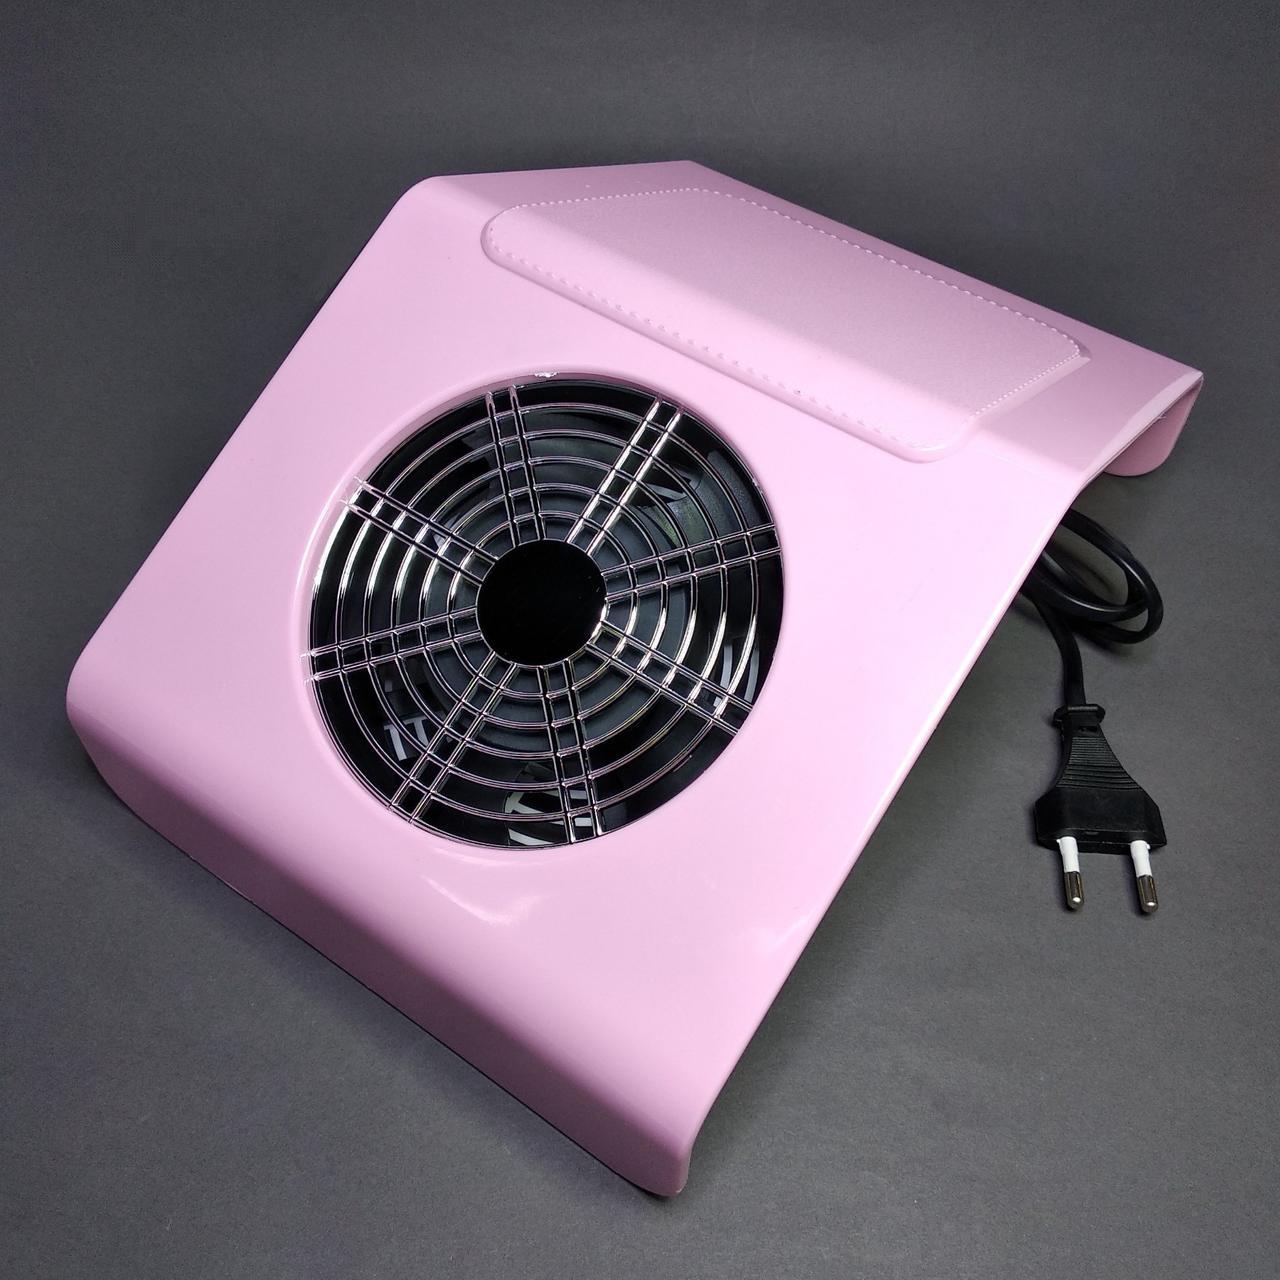 Вытяжка пылесос для маникюра настольная розовая